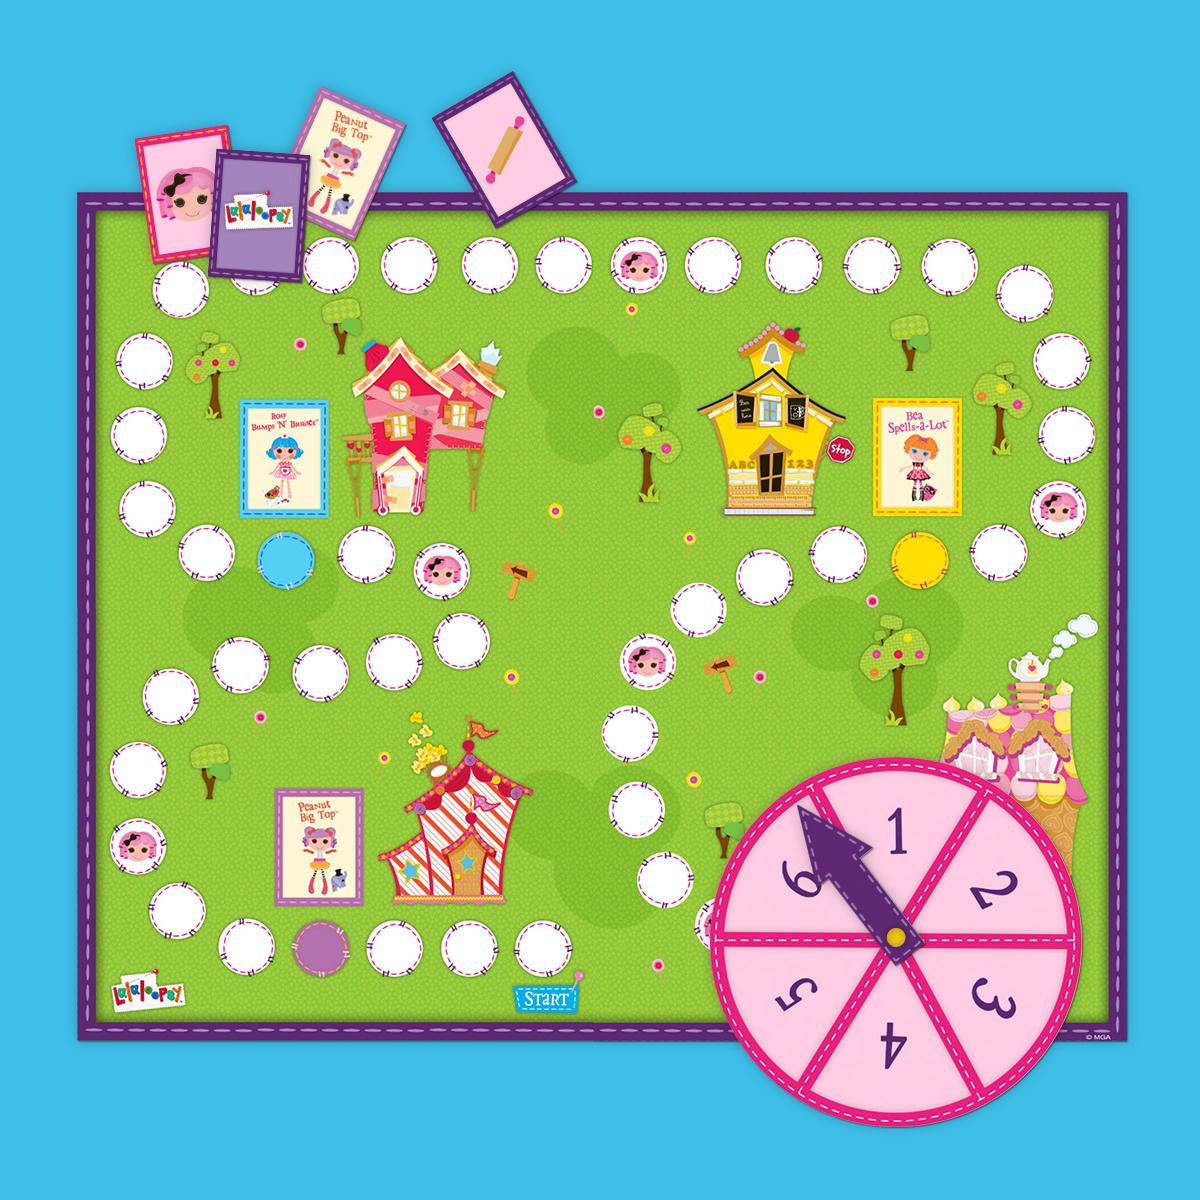 Lalaloopsy Board Game